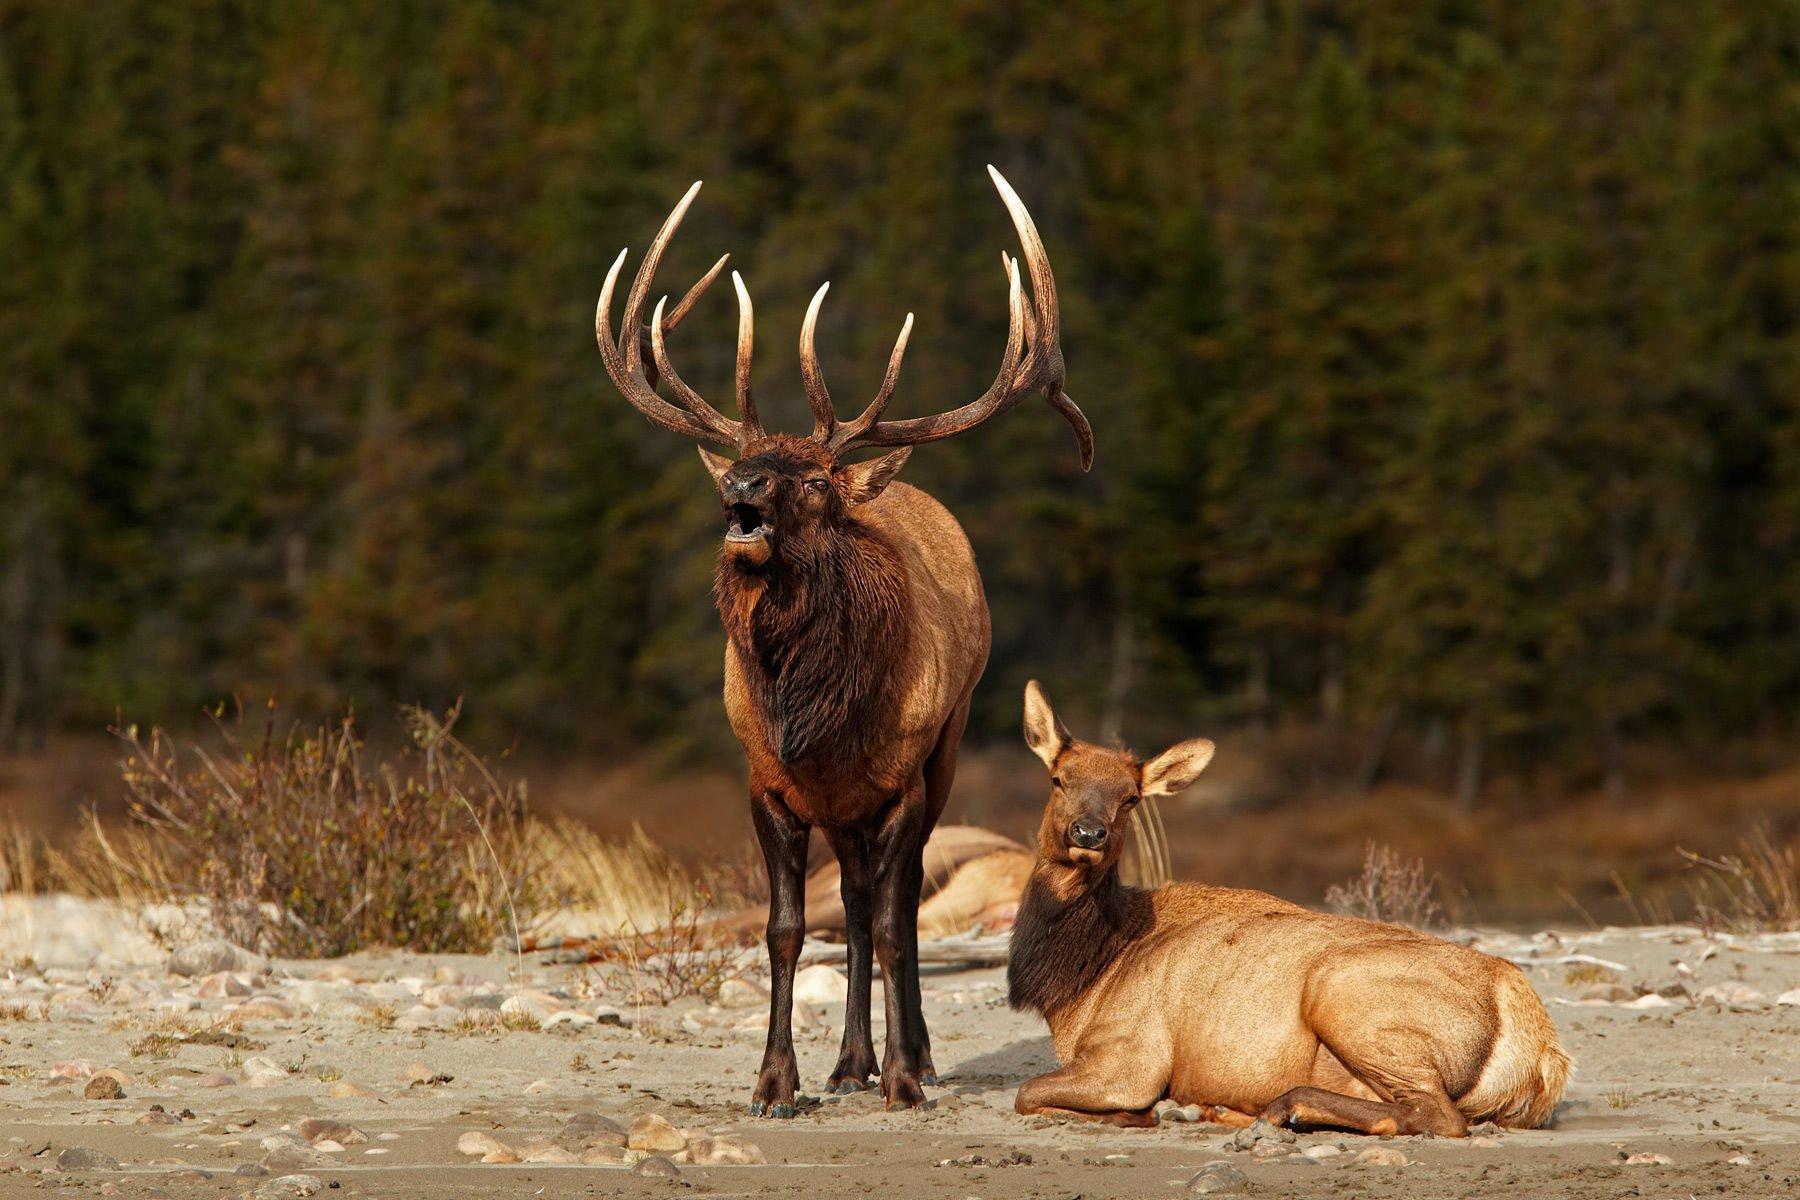 deer live wallpaper download